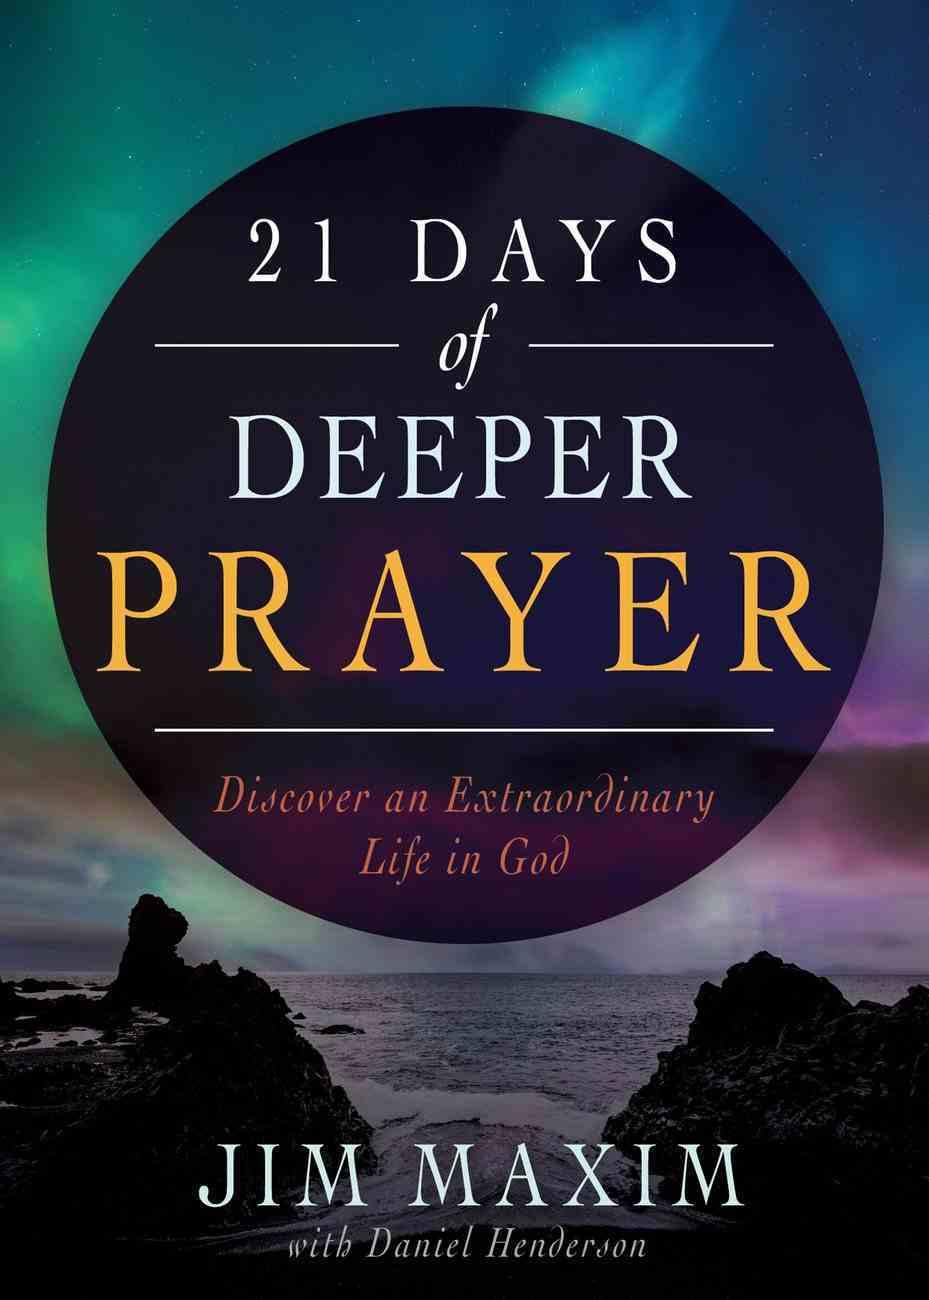 21 Days of Deeper Prayer eBook